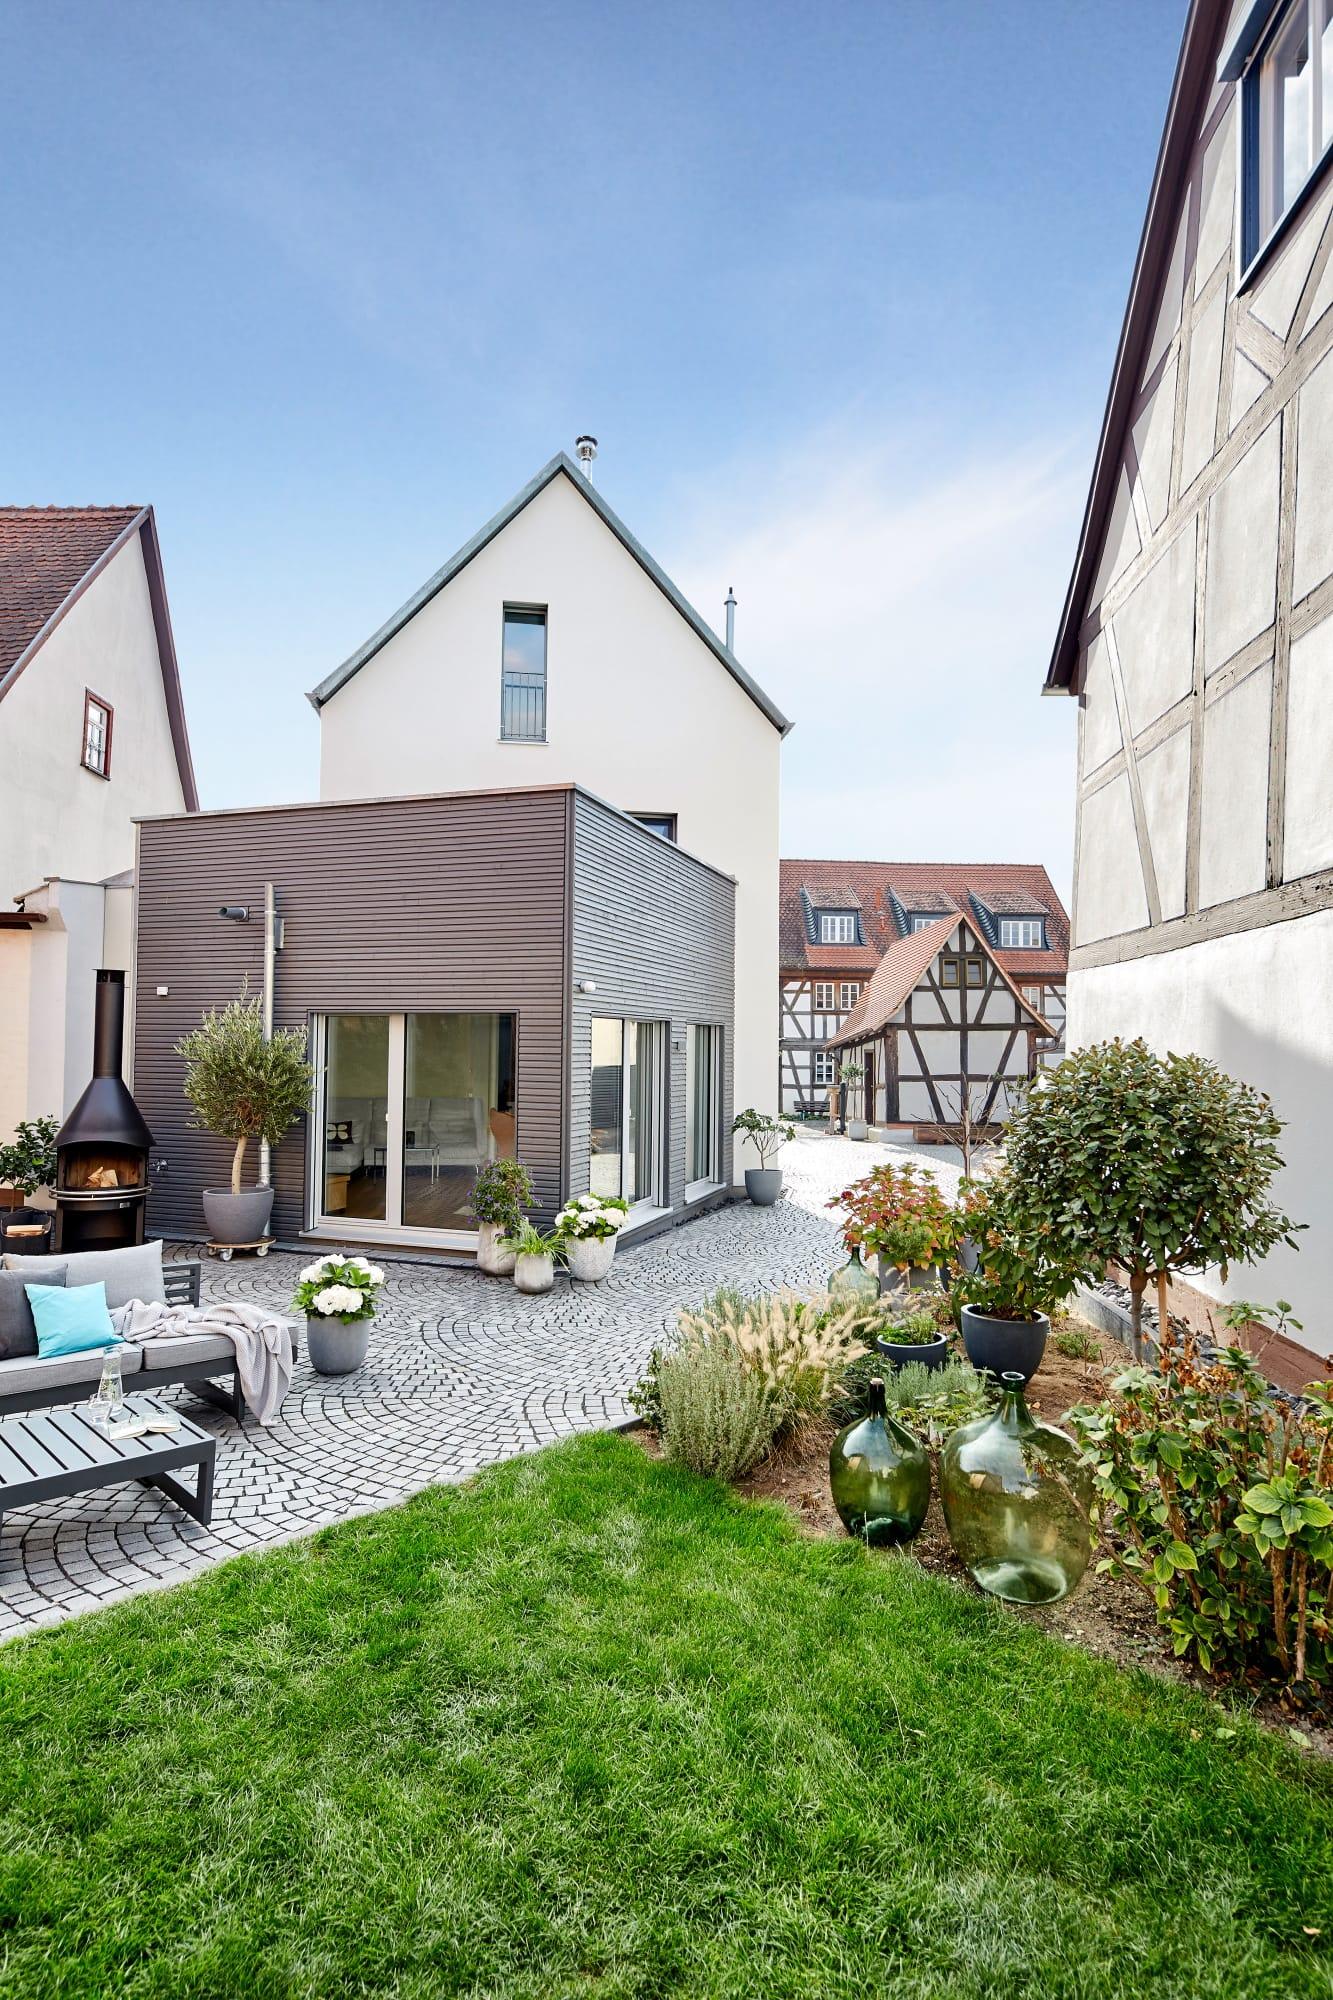 Modernes Einfamilienhaus mit Satteldach Architektur, Erker Anbau mit Holz Putz Fassade - Fertighaus bauen Ideen ökologisches Baufritz Haus STADTHAUS EHRMANN - HausbauDirekt.de